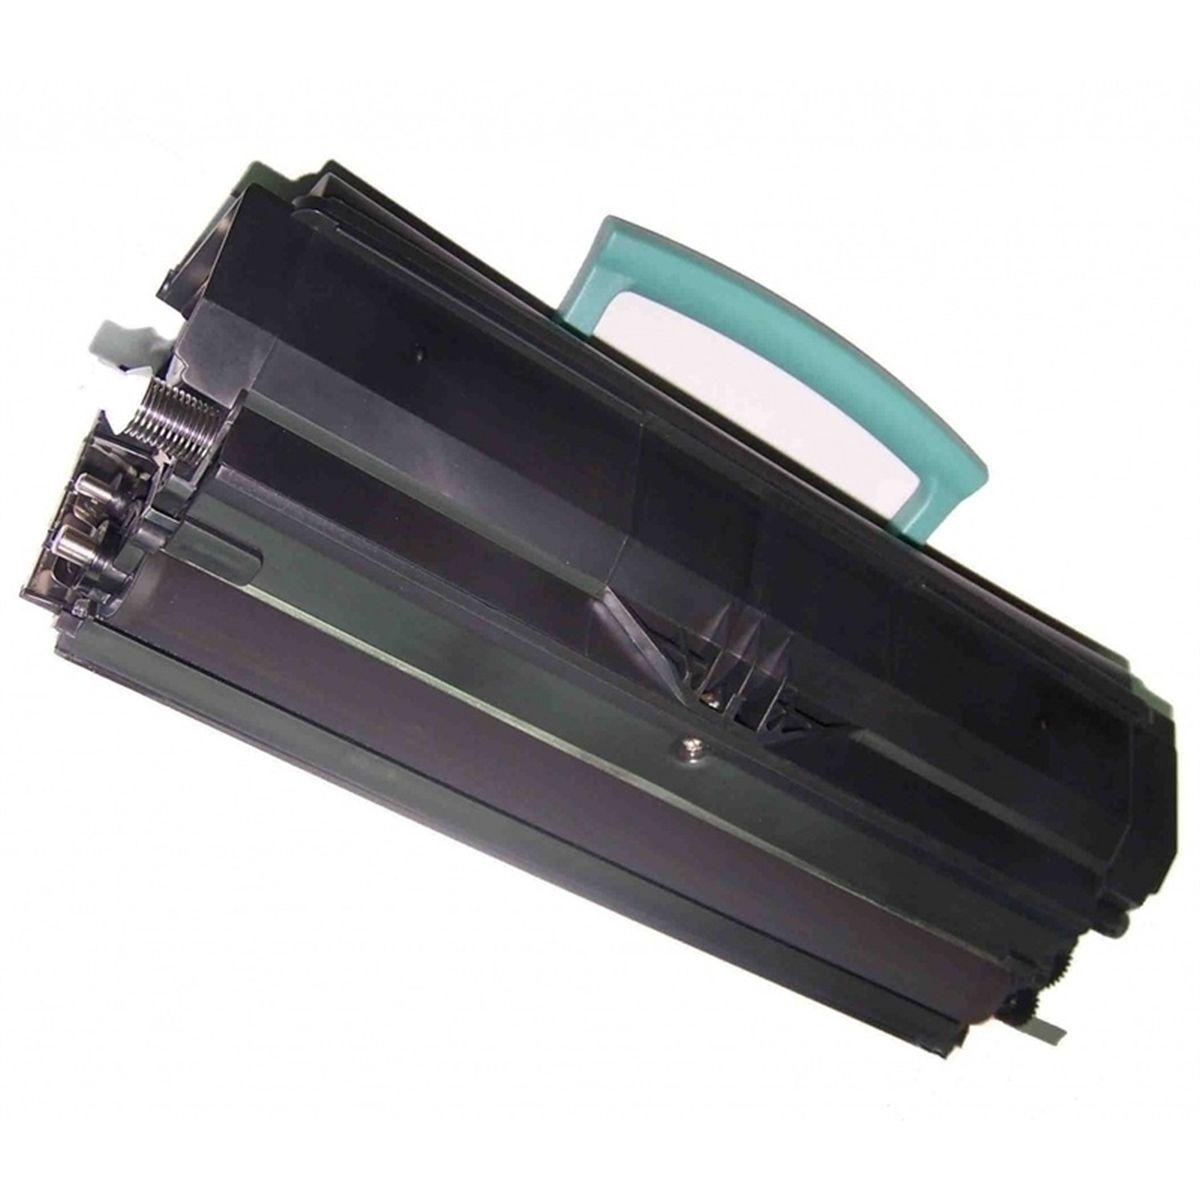 Toner compatível com Lexmark E230 E330 E340 E332 E342 E332N E332TN E342N 6.000 Páginas - Cartucho & Cia